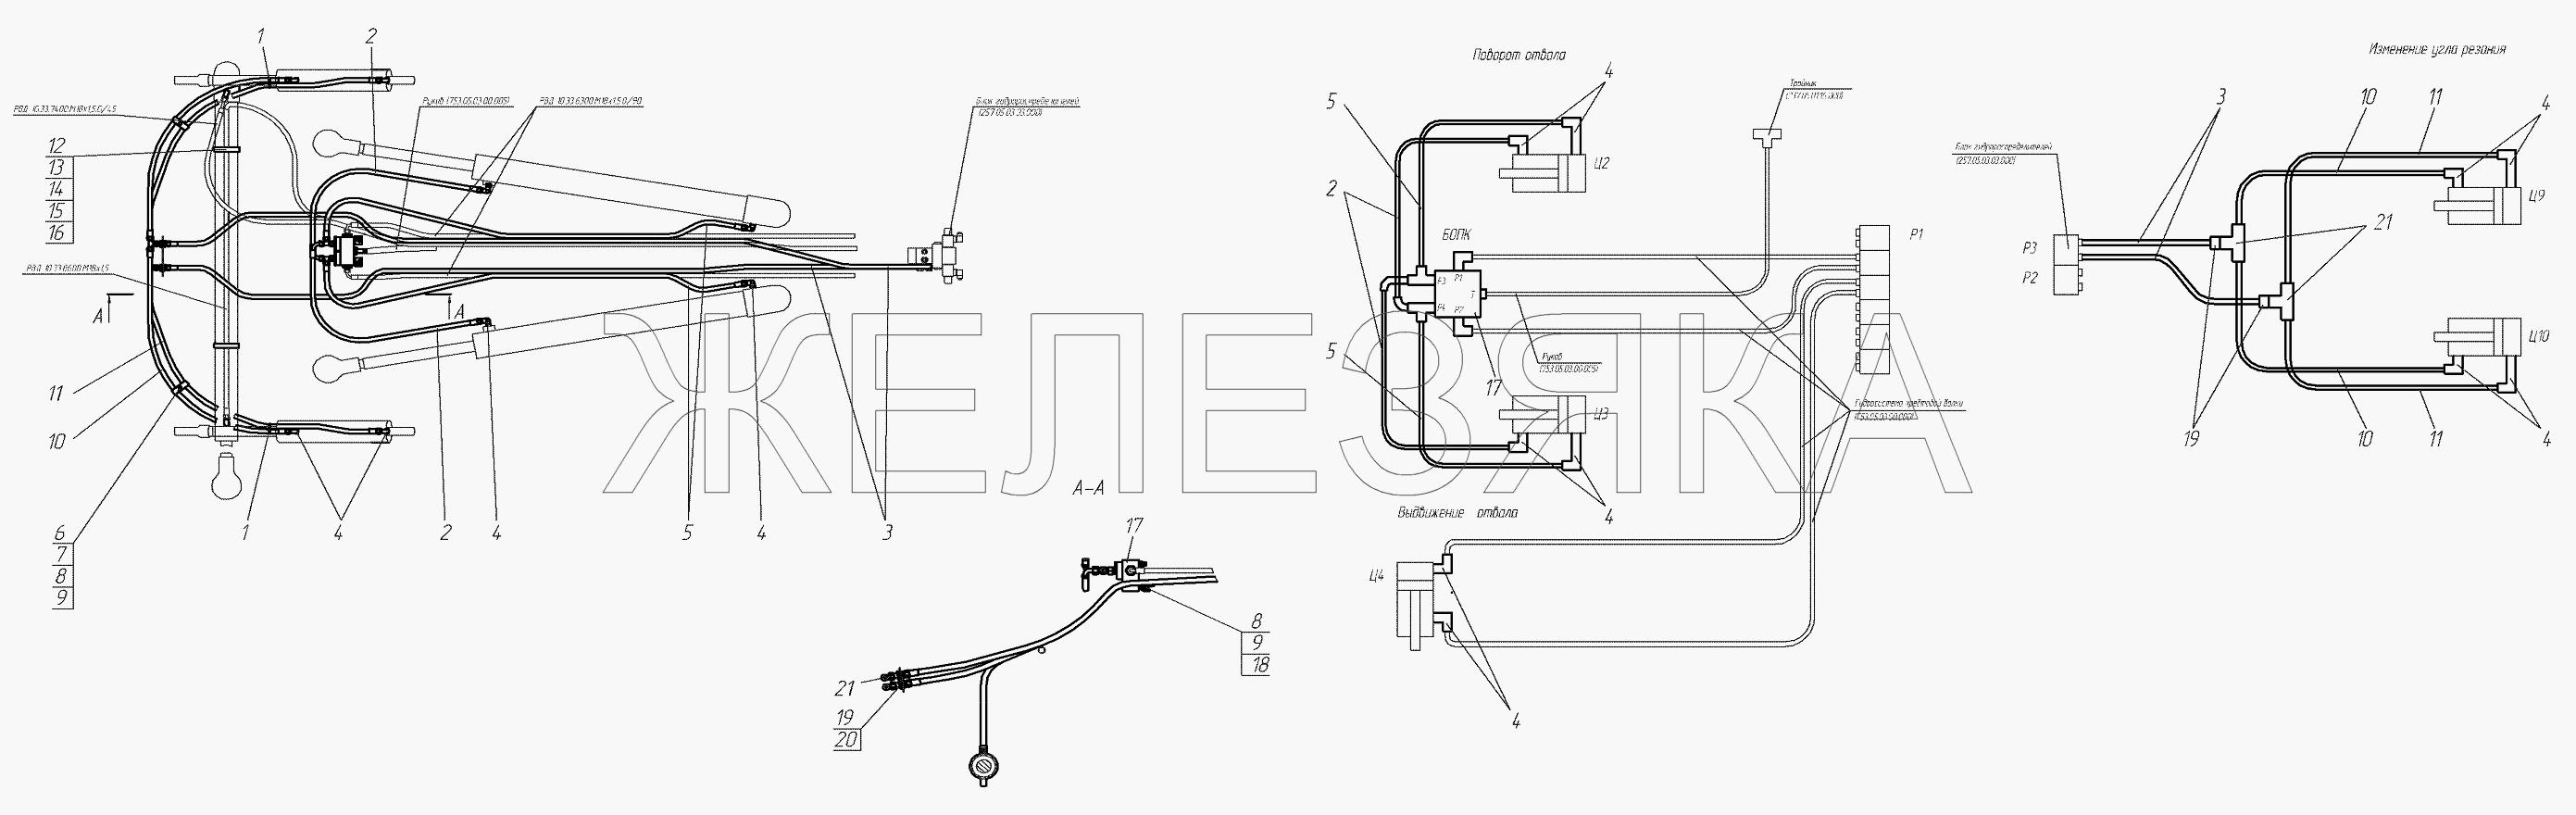 Гидросистема рабочего оборудования 257.05.04.00.000 от автогрейдера ГС-25.09 title=